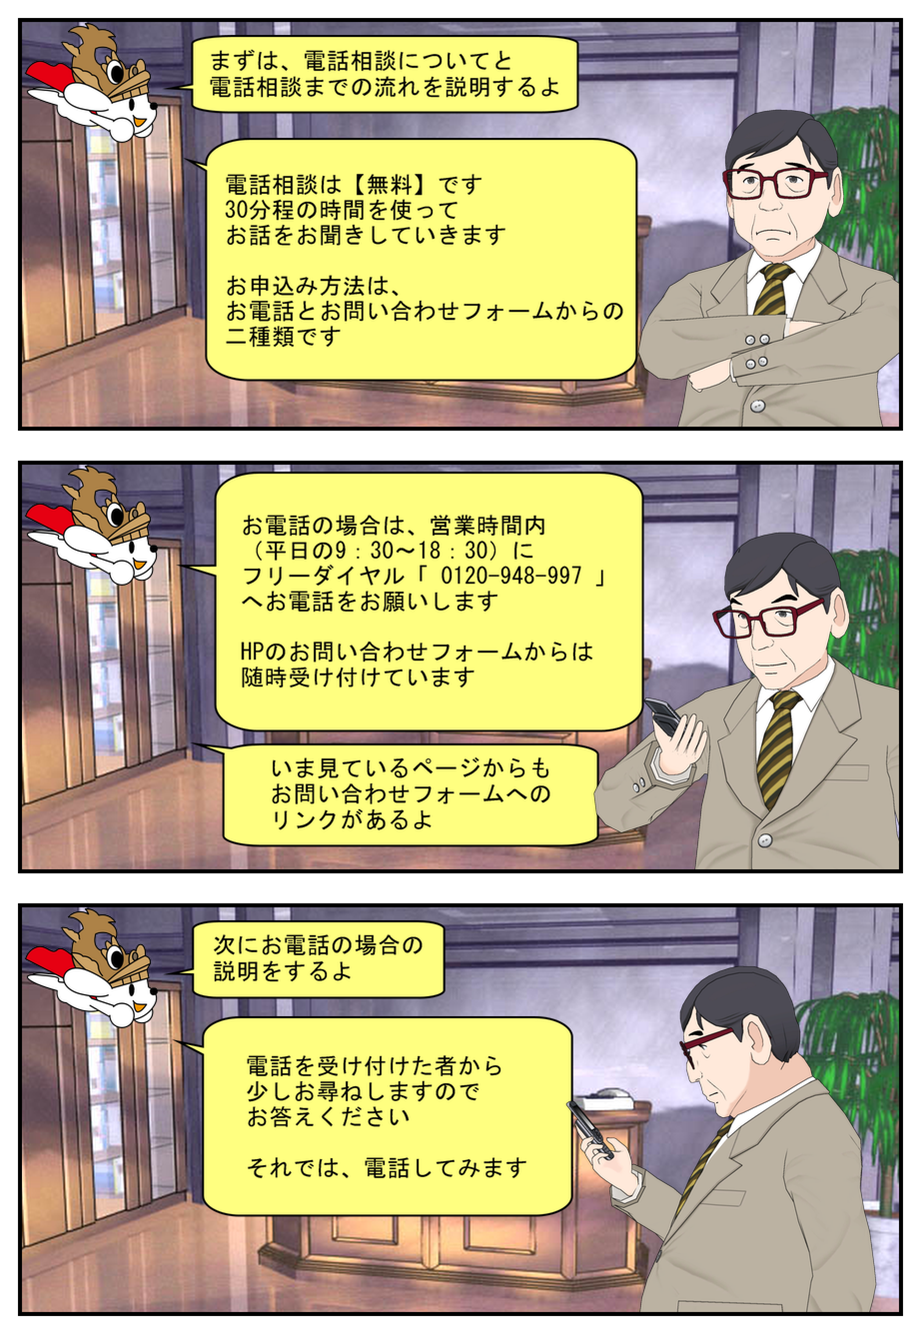 電話相談_001